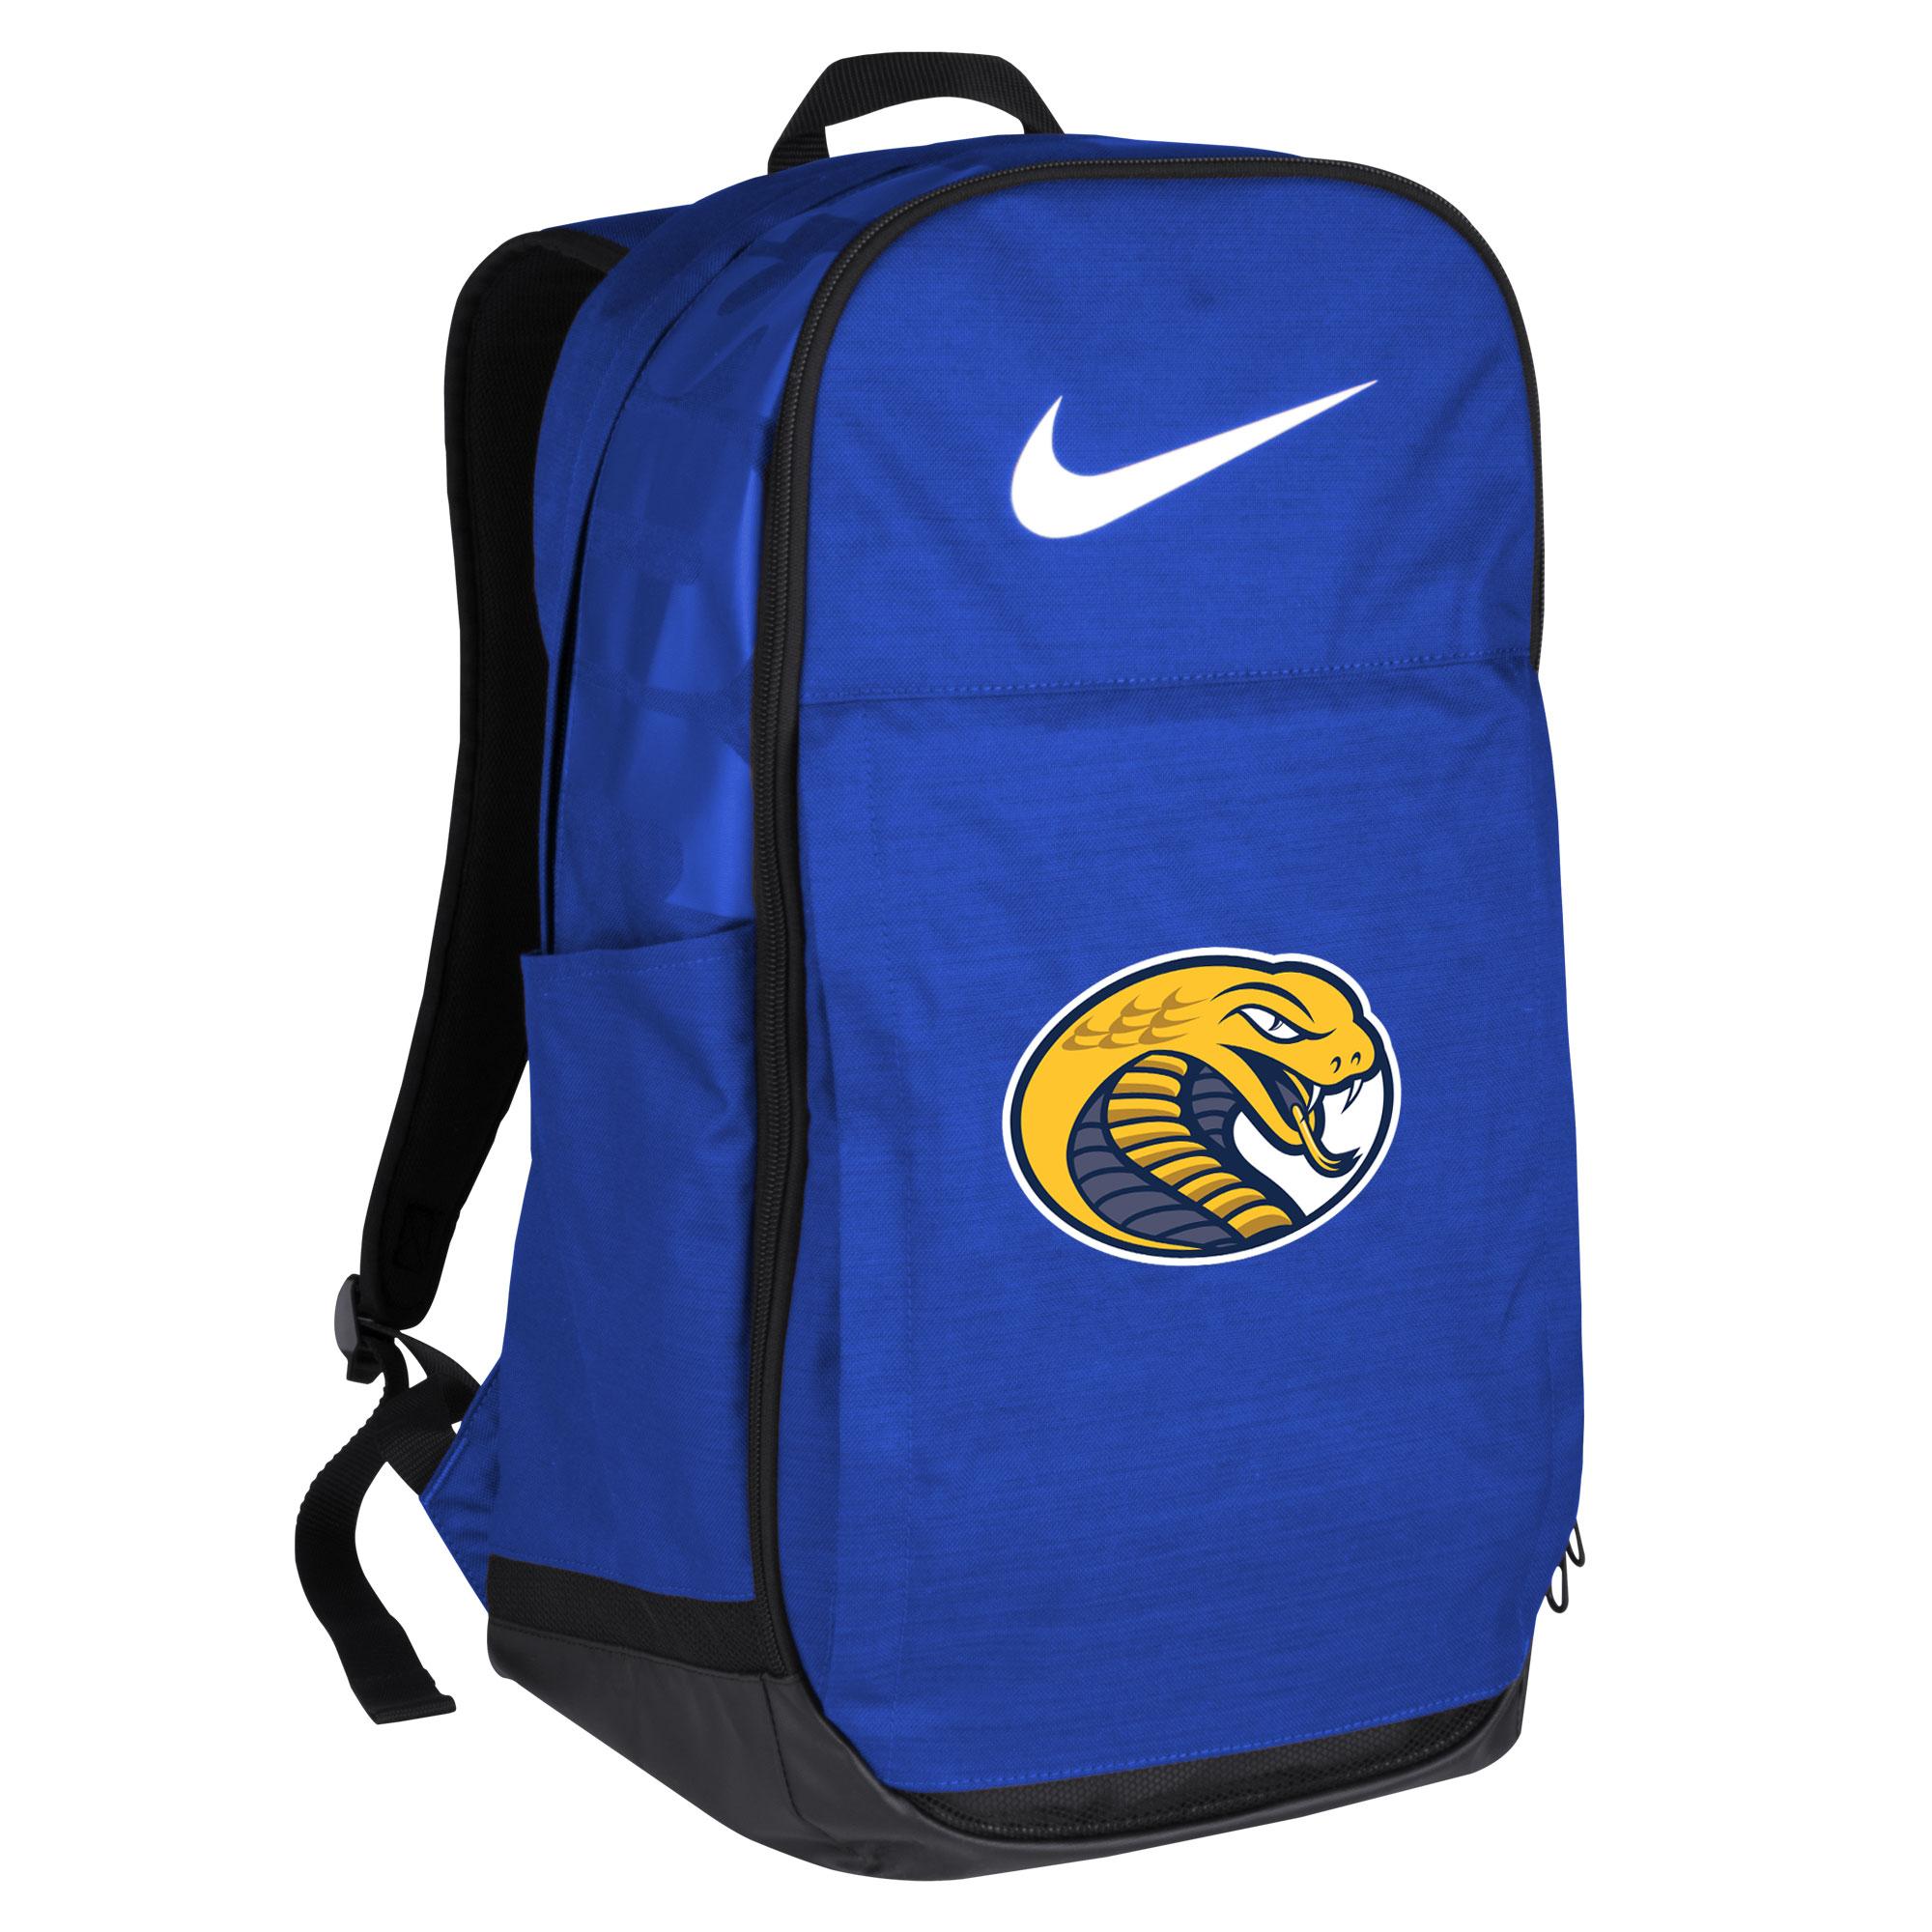 c9cb14f94db1 Backpack BRASILIA NIKE BACKPACK ROYAL